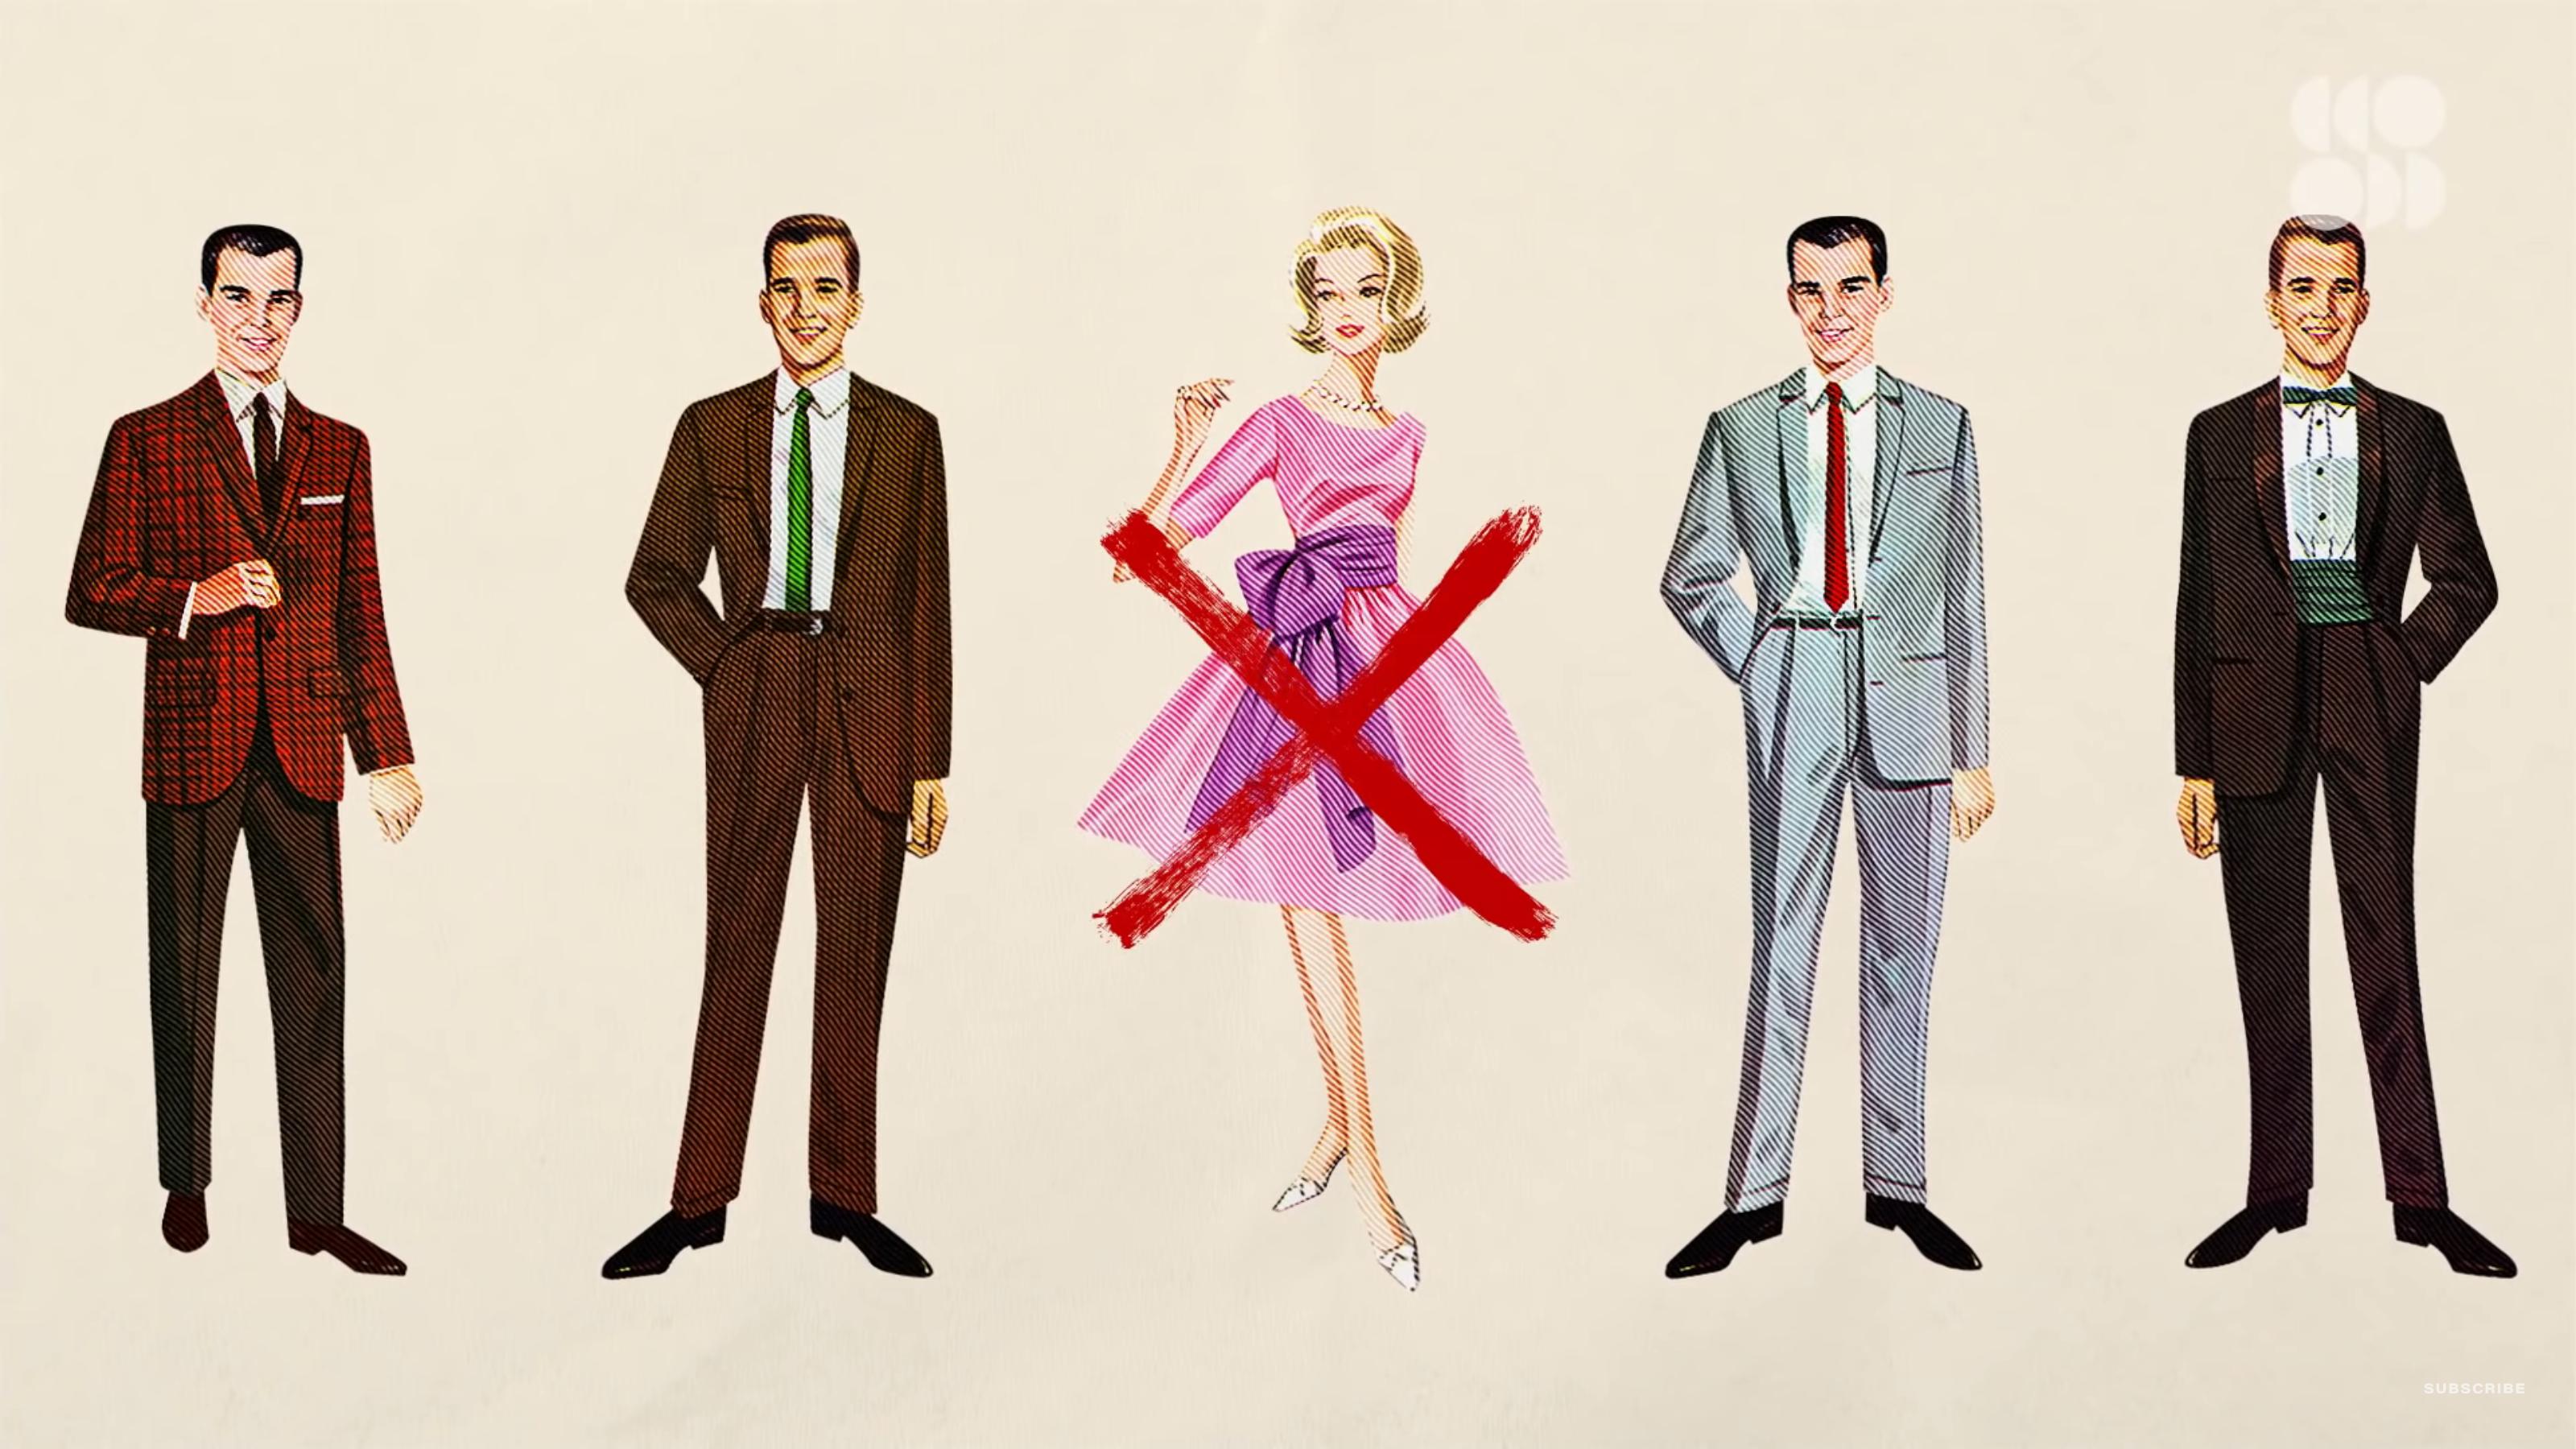 מחקר רפואי מתבסס על הגוף הגברי ומוחק את הנשי